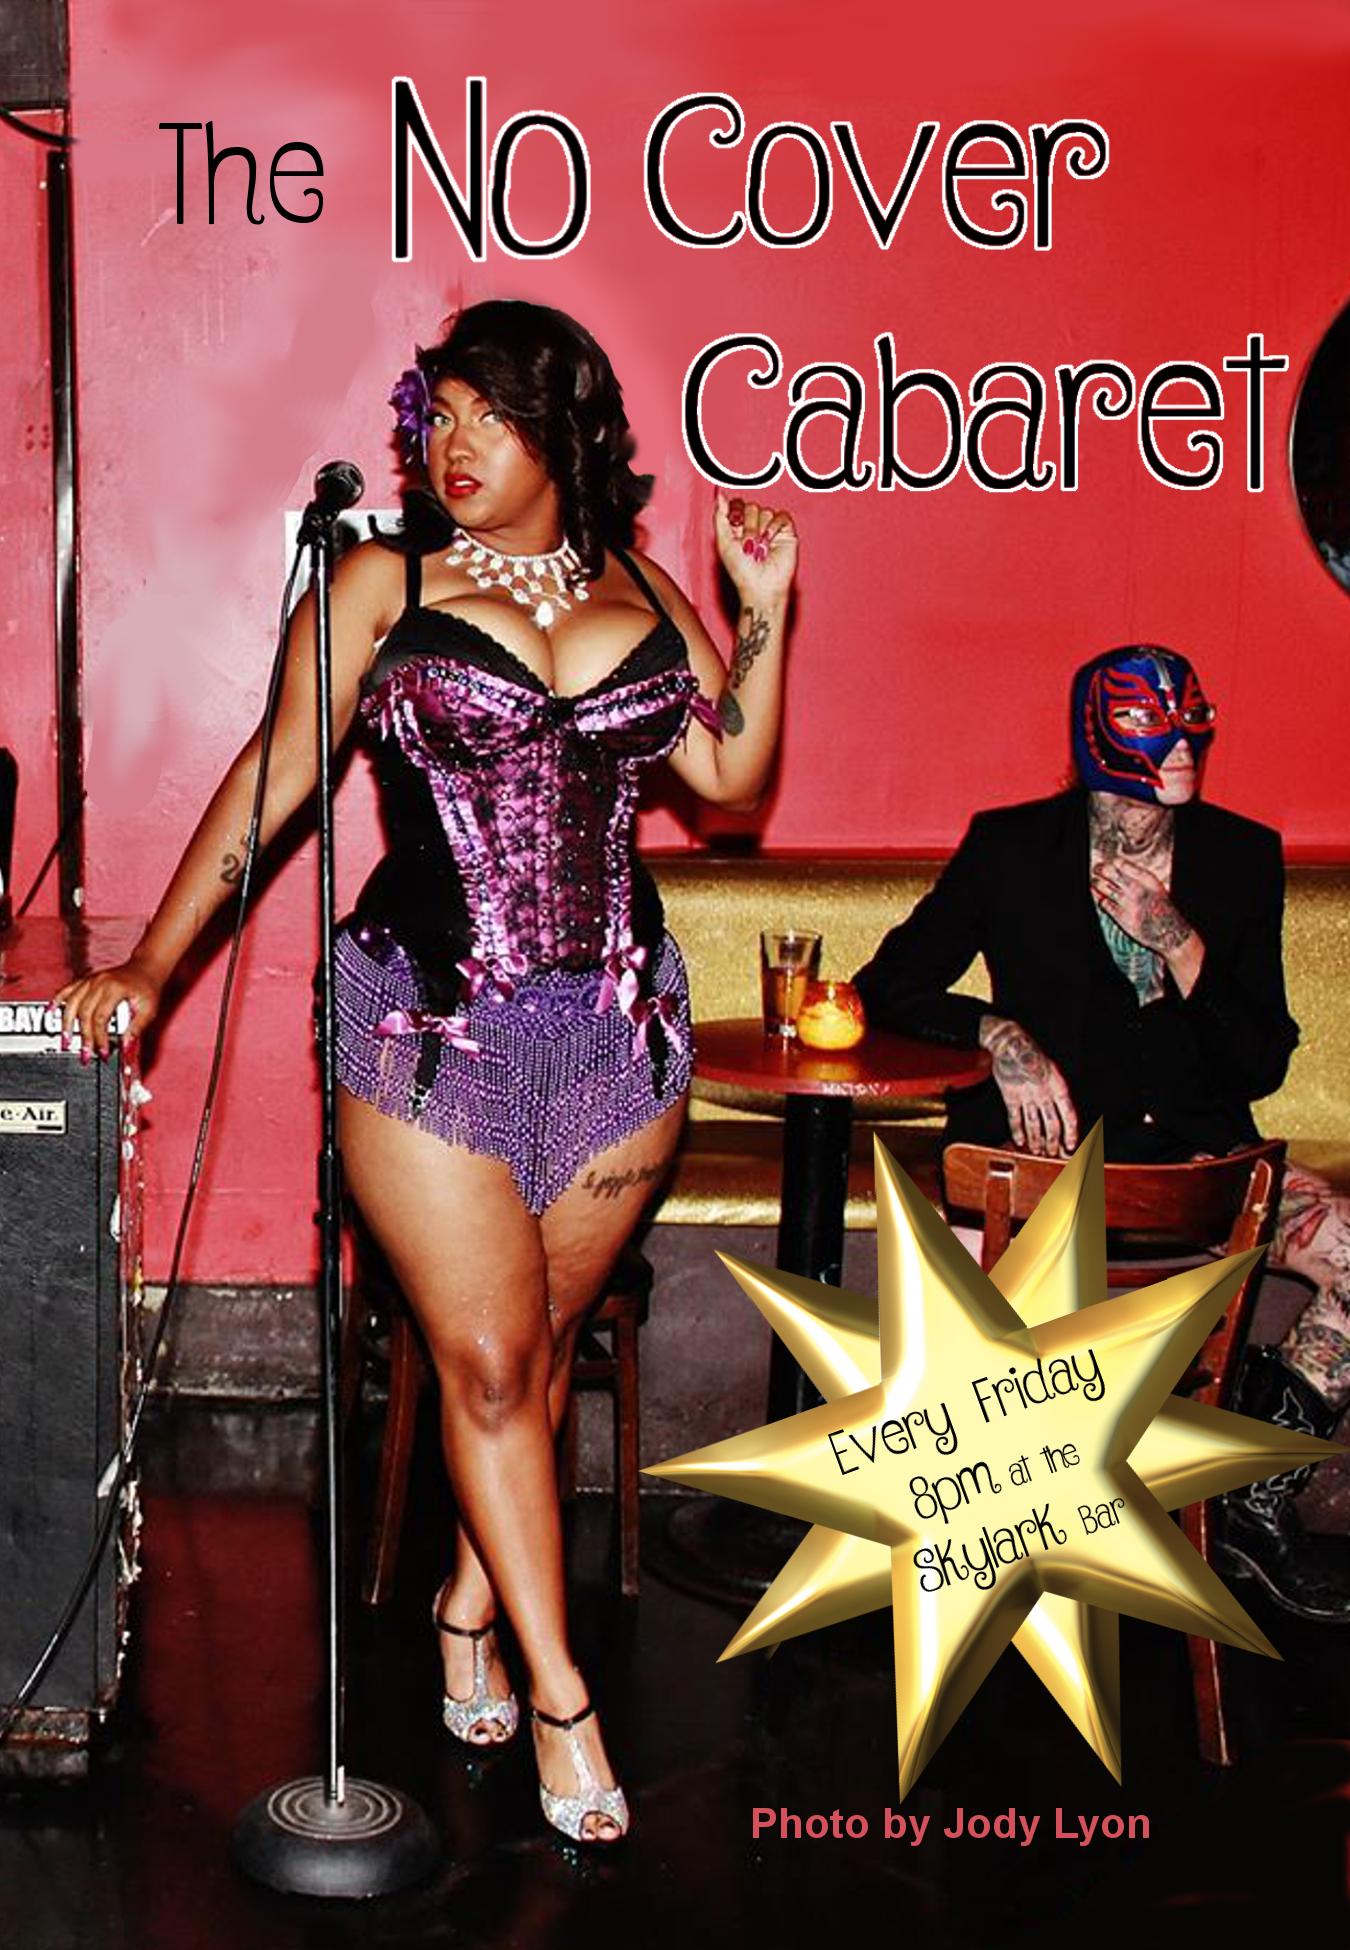 No Cover Cabaret flier Elyse star FINAL